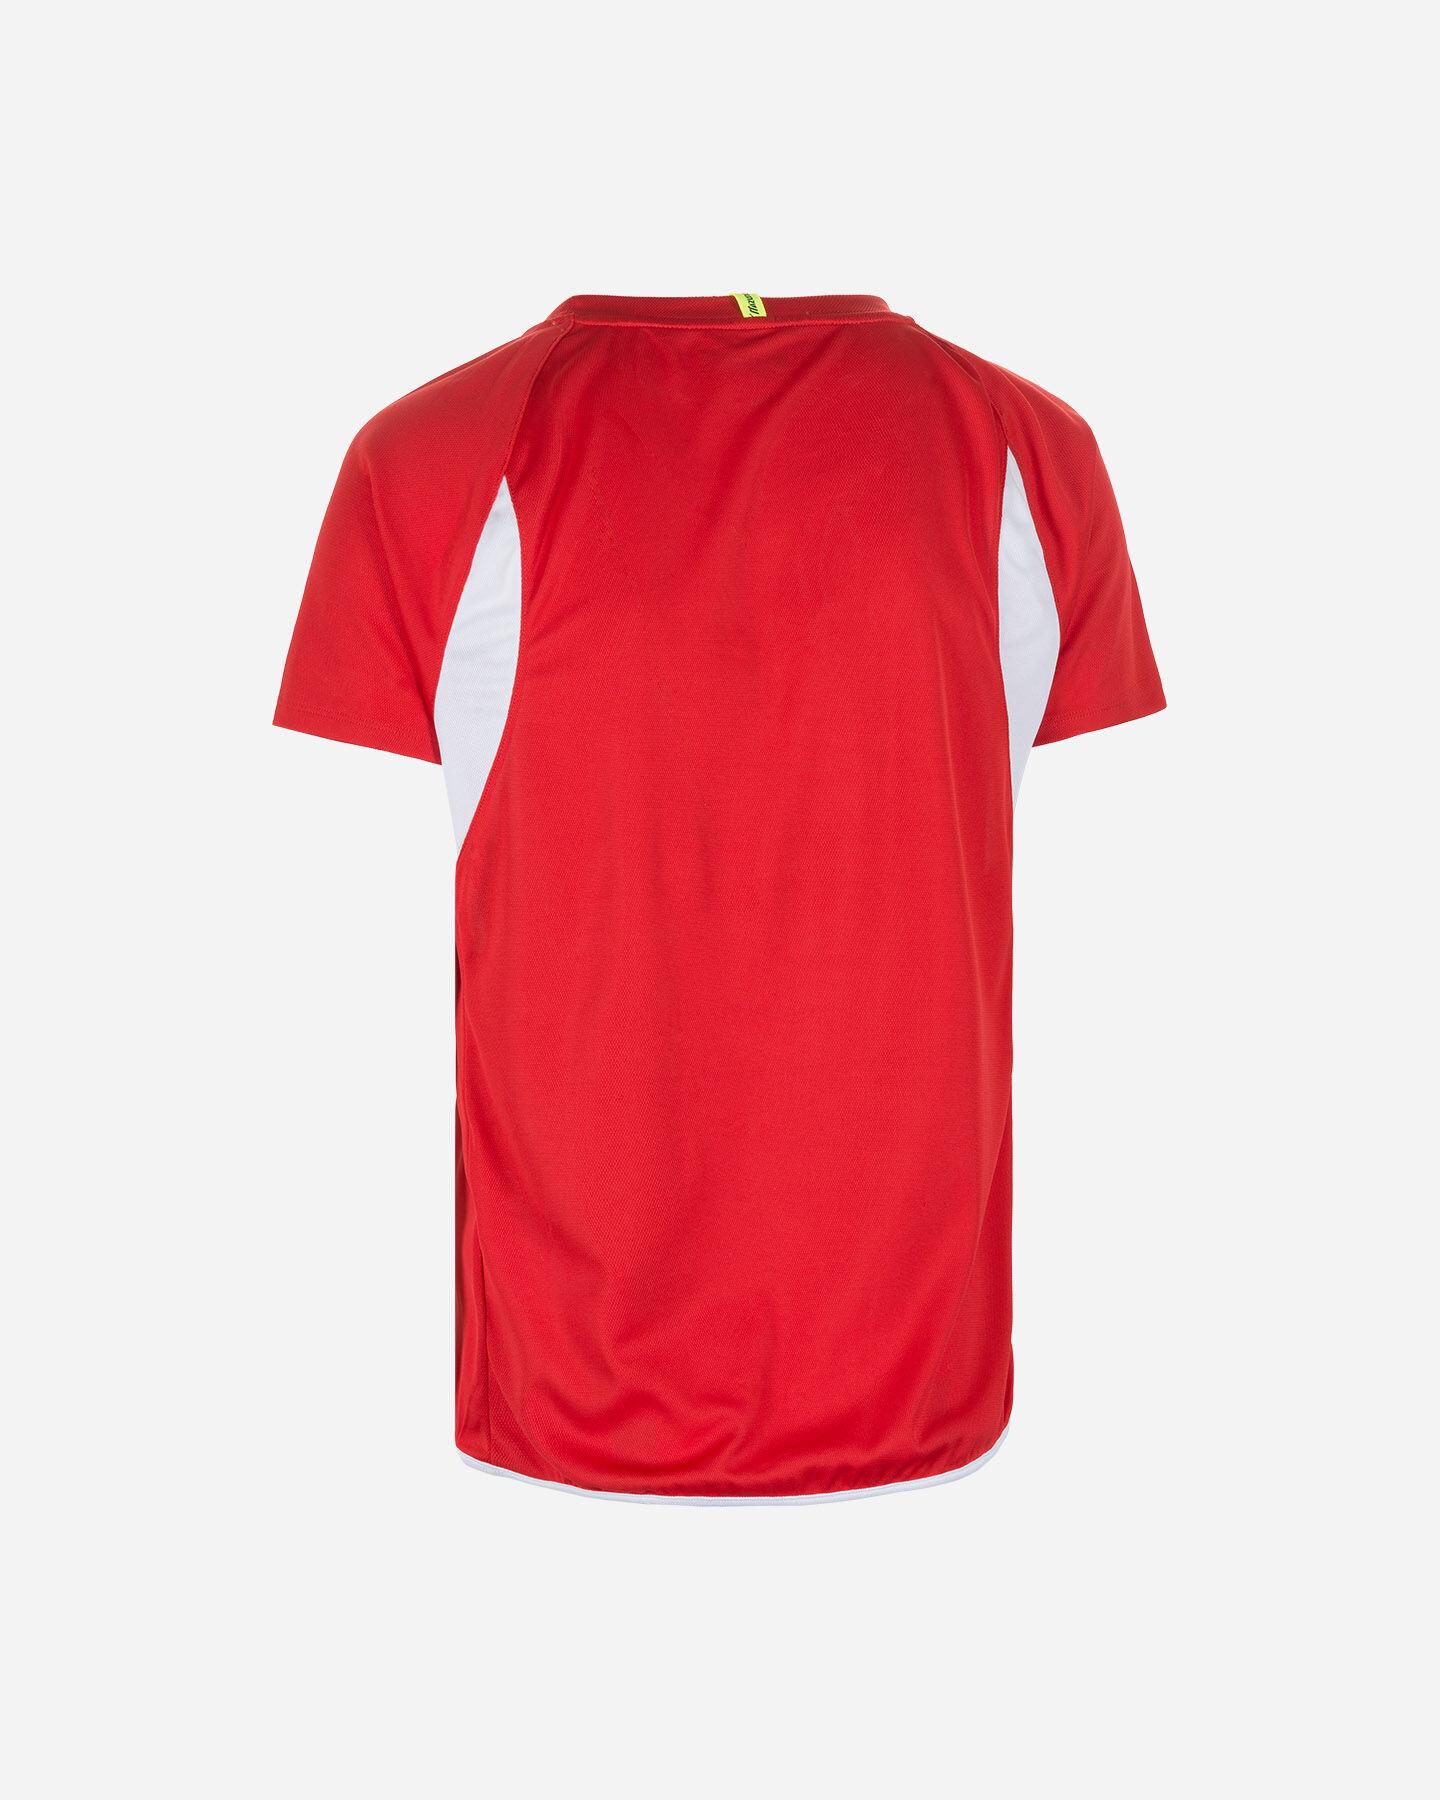 T-Shirt running MIZUNO RUN AUTHENTIC M S5191564 scatto 1